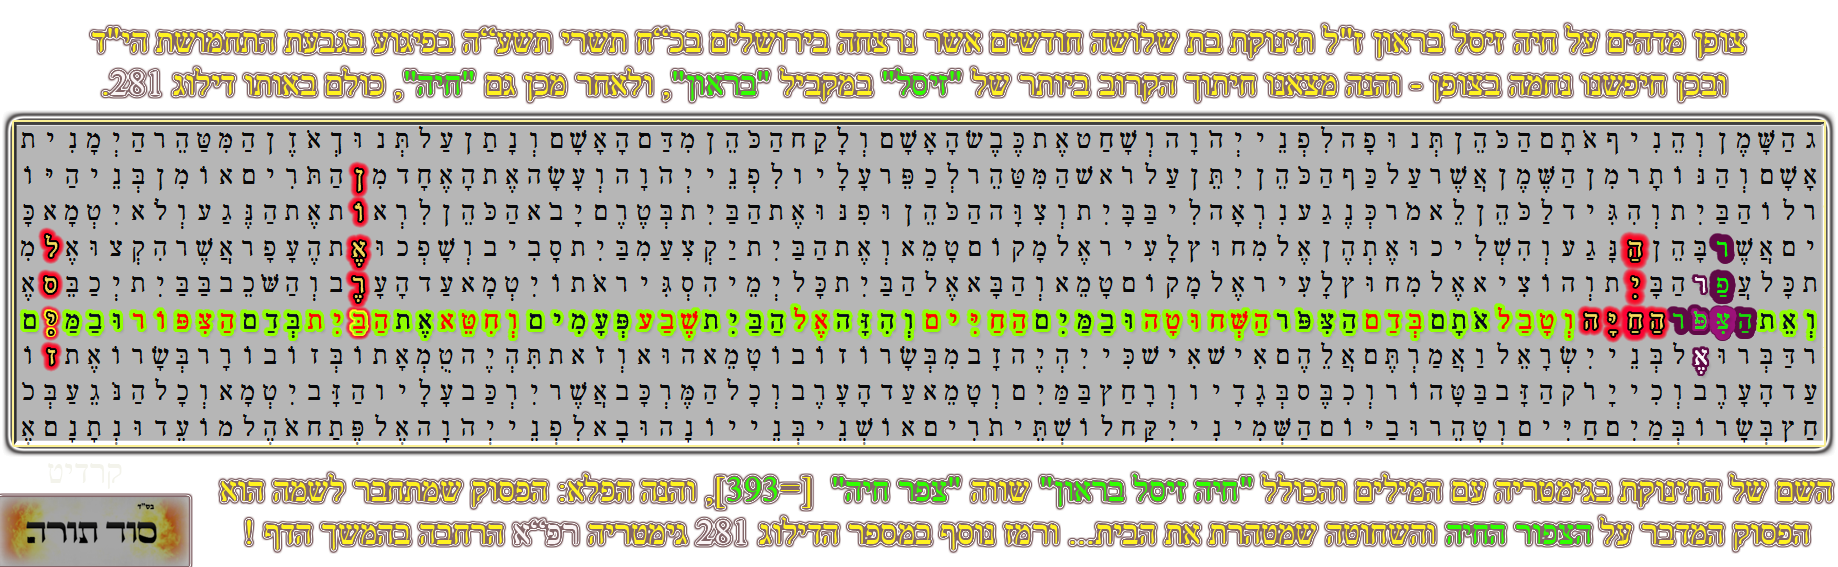 """חיה זיסל בראון ז""""ל תינוקת בת שלושה חודשים אשר נרצחה בירושלים בפיגוע בגבעת התחמושת הי""""ד. ובכן חיפשנו נחמה והנה חיתוך הקרוב ביותר של """"זיסל"""" במקביל """"בראון"""", ולאחר מכן גם """"חיה"""", כולם באותו דילוג 281. נשים לב שהדילוג """"חיה"""", חותך את הפסוק ואתהצפרהחיה: """"וְלָקַח אֶת עֵץ הָאֶרֶז וְאֶת הָאֵזֹב וְאֵת שְׁנִי הַתּוֹלַעַת וְאֵת הַצִּפֹּר הַחַיָּה וְטָבַל אֹתָם בְּדַם הַצִּפֹּר הַשְּׁחוּטָה וּבַמַּיִם הַחַיִּים וְהִזָּה אֶל הַבַּיִת שֶׁבַע פְּעָמִים"""", ורואים ששמה של התינוקת חותך את הציפור החי""""ה ורומז שהיא בחינת הציפור החיה. וכאן מדובר על טהרת הבית המנוגע, כאשר בא נגע צרעת לבית שרומז לכך שבעל הבית מחזיק עבירות בידו כמו שדרשו חז""""ל (ערכין טז.) על שבעה דברים נגעים באין על לשון הרע ועל שפיכות דמים וכו'. והכהן מוציא כל הכלי חרס מהבית למשך שבוע והבית בהסגר ולאחר מכן שב הכהן לראות אם התפשט הנגע, אם המשיך להתפשט אז צריך לחלוץ ולקצות ולהטיח את הבית במקום שהנגע ואחרי זה לחכות שבוע נוסף לראות אם הנגע חוזר למקומו, אם חוזר למקומו צריך ליתוץ את הבית כולו משום שאין לו תקנה כבר, ואם לא חוזר הנגע מביא בעל הבית קרבן שתי צפורים טהורות ועץ ארז ותולעת שני ואזוב. ויתכן שרומז שהבית זה בחי' עם ישראל והצפור החיה, שבגימטריה עם המילים והכולל """"חיה זיסל בראון"""" שווה """"צפר חיה"""" [=393], ורומז שהיא באה לעולם בבחינת צפור שכידוע צפור זאת הנפש וכן פירש אור החיים, """"שתי צפרים חיות טהורות הם ב' משיחים ונקרא צפור כי כן יתכנו נשמות העליונות"""", וניראה שהיא היתה נשמה גבוהה שהרי באה לעולם לתיקון קצר בלבד לשלושה חודשים וחזרה, ויתכן וזאת בחינת ההשתלחות של הצפור שנאמר בהמשך: """"נג  וְשִׁלַּח אֶת הַצִּפֹּר הַחַיָּה אֶל מִחוּץ לָעִיר אֶל פְּנֵי הַשָּׂדֶה וְכִפֶּר עַל הַבַּיִת וְטָהֵר"""", רומז לכך שחזרה למקומה מחוץ לעיר, ובכך מכפרת על הבית עם ישראל. ועוד יש לזה רמז, שכל הדילוגים כאמור מופיעים בדילוג אחד 281, בגימטריה רפ""""א. וגם הדילוג """"רפא"""" מופיע במקביל ממש ל-""""חיה"""". ולשון רפואה תמיד נופל על טהרת נגעים כמו שנאמר במרים שהיתה מצורעת כשלג, """"אל נא רפא נא לה"""", וגם כאן נאמר """"וְטִהַר הַכֹּהֵן אֶת הַבַּיִת כִּי נִרְפָּא הַנָּגַע""""."""